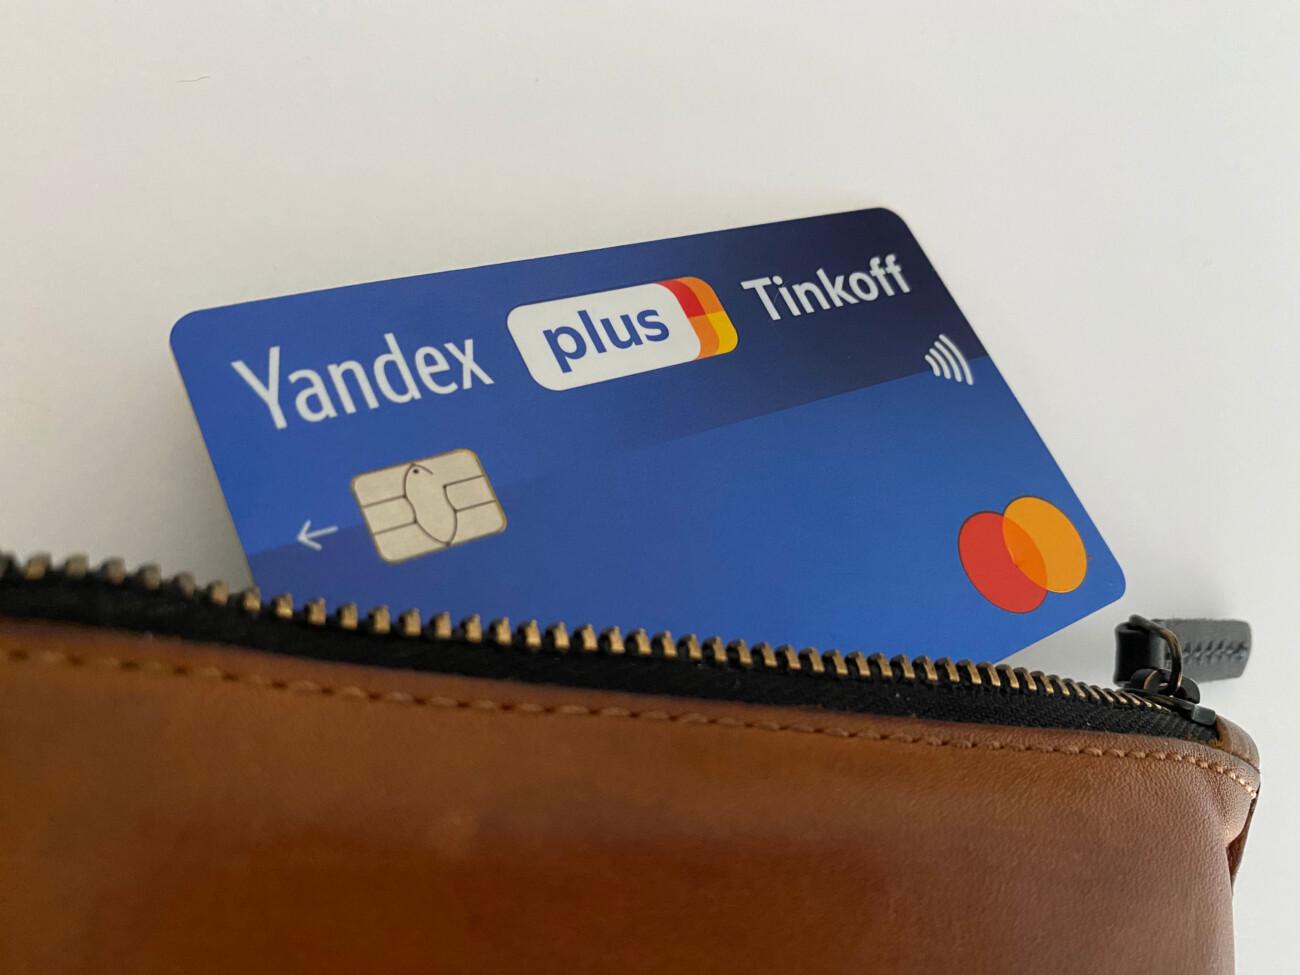 «Яндекс» покупает «Тинькофф» за $5,5 млрд. Почему паниковать пока не стоит, чего ждать клиентам и зачем это компаниям